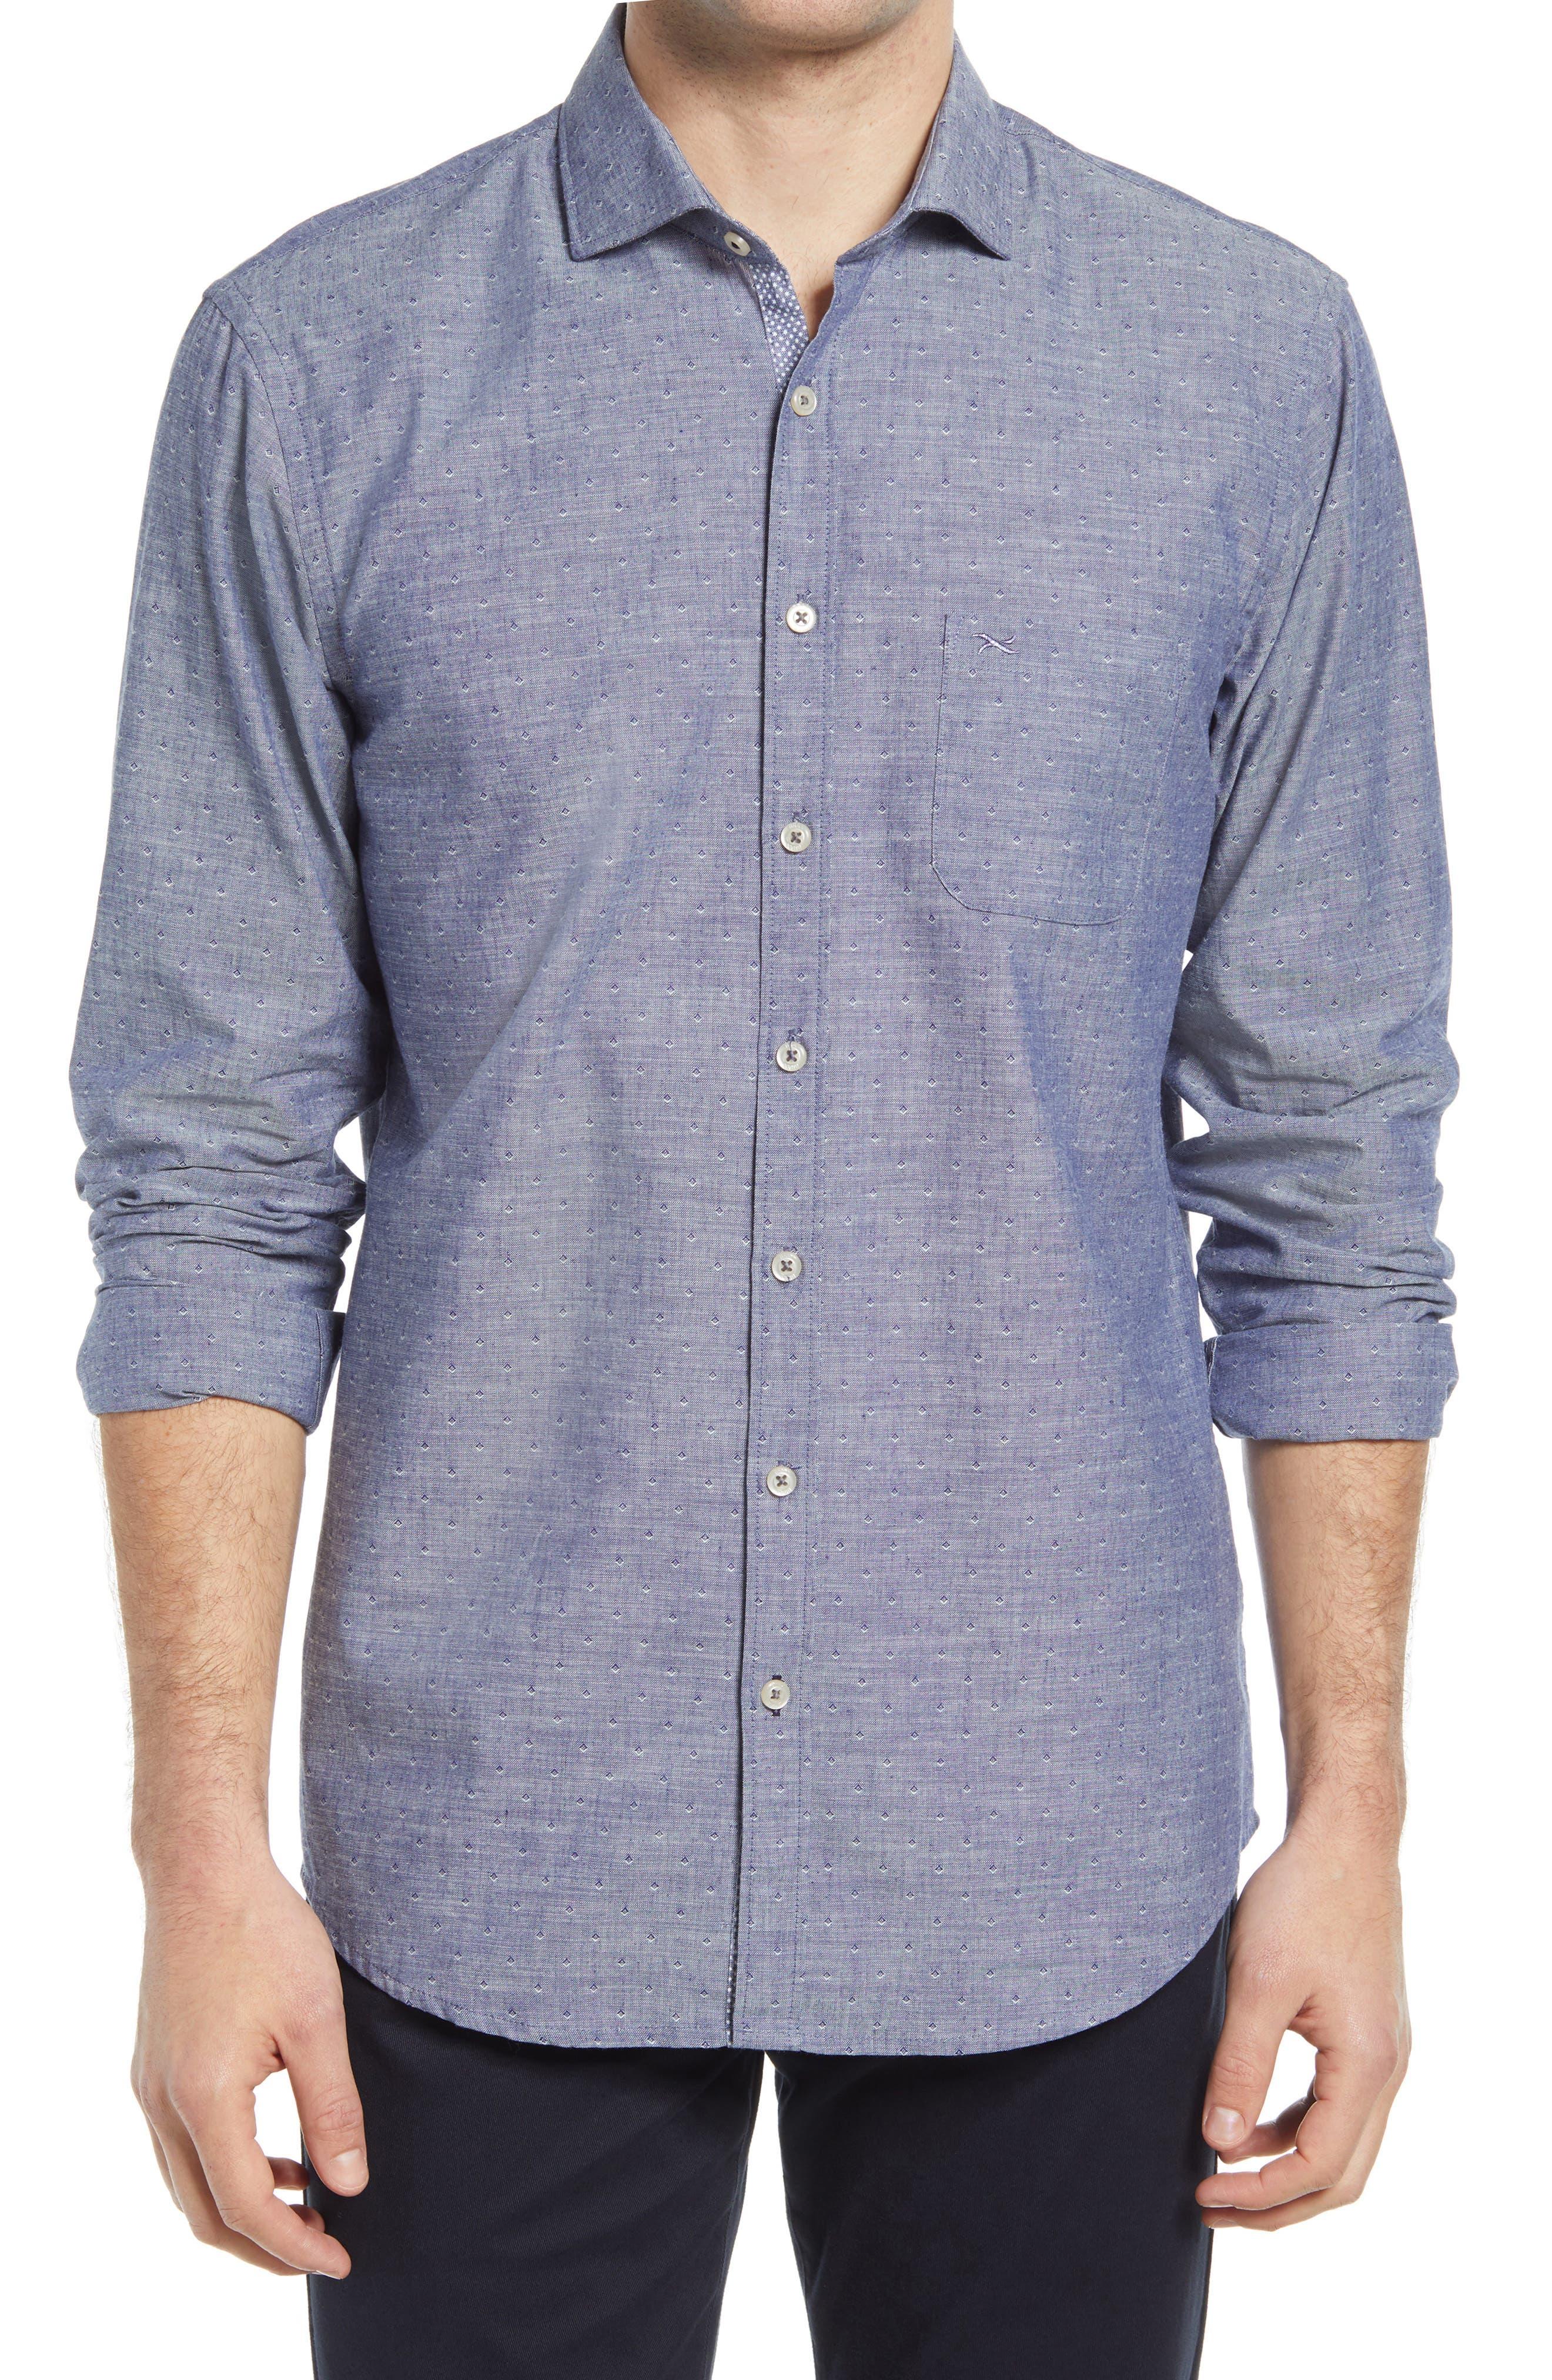 Harold Regular Fit Solid Cotton & Linen Button-Up Shirt